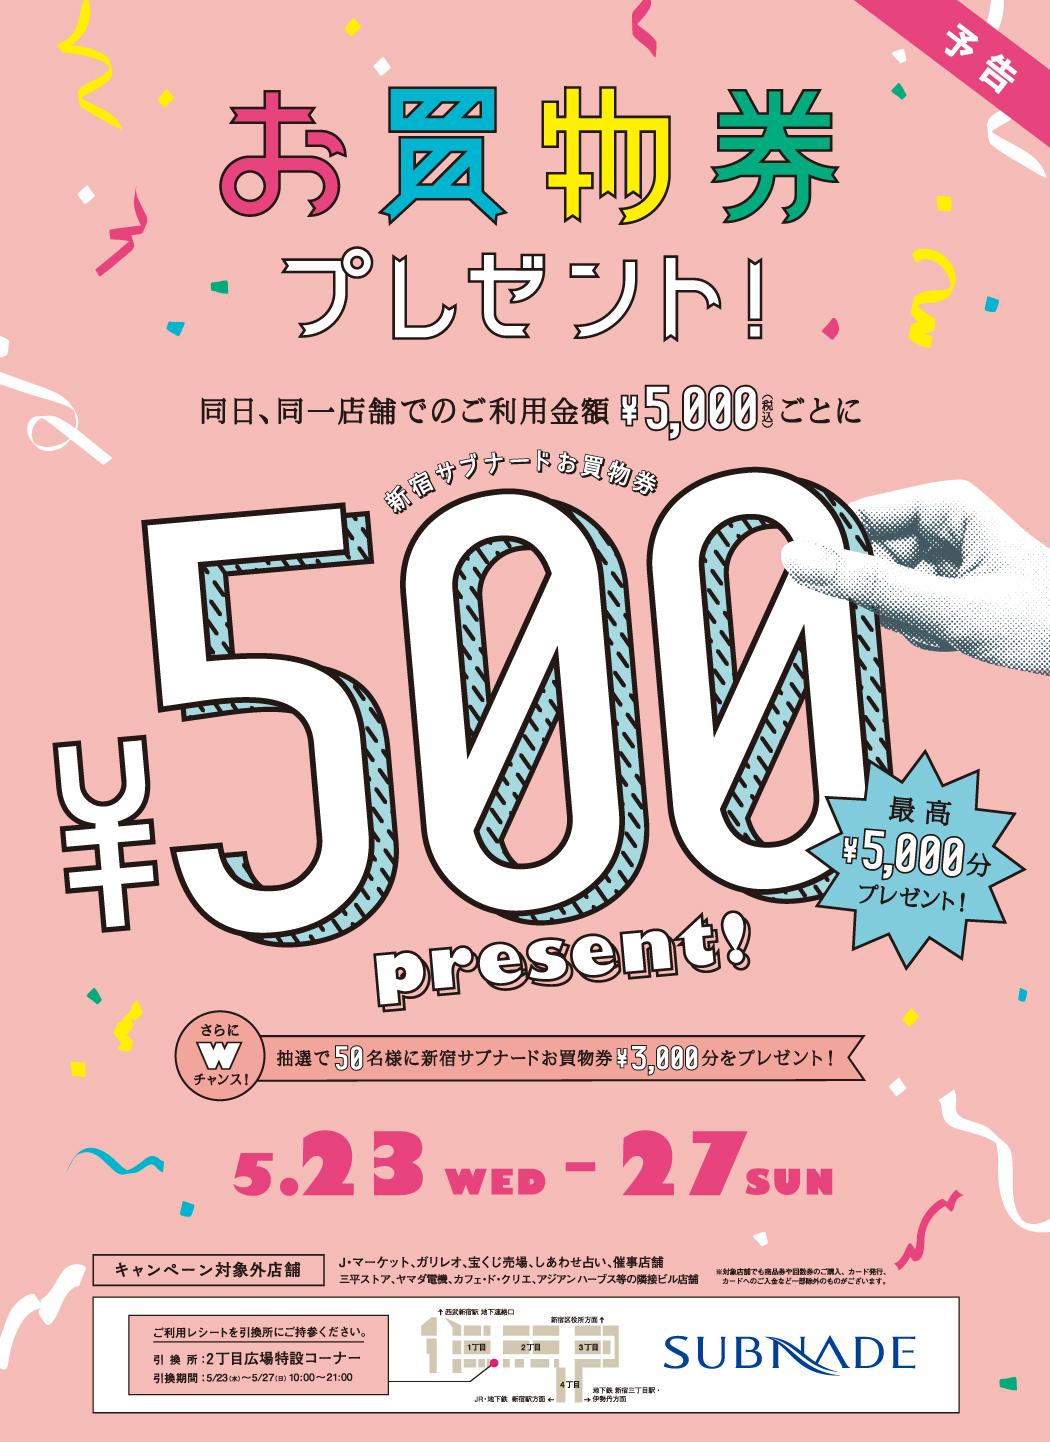 【新宿店】サブナードお買物券プレゼントキャンペーン5/23~5/27